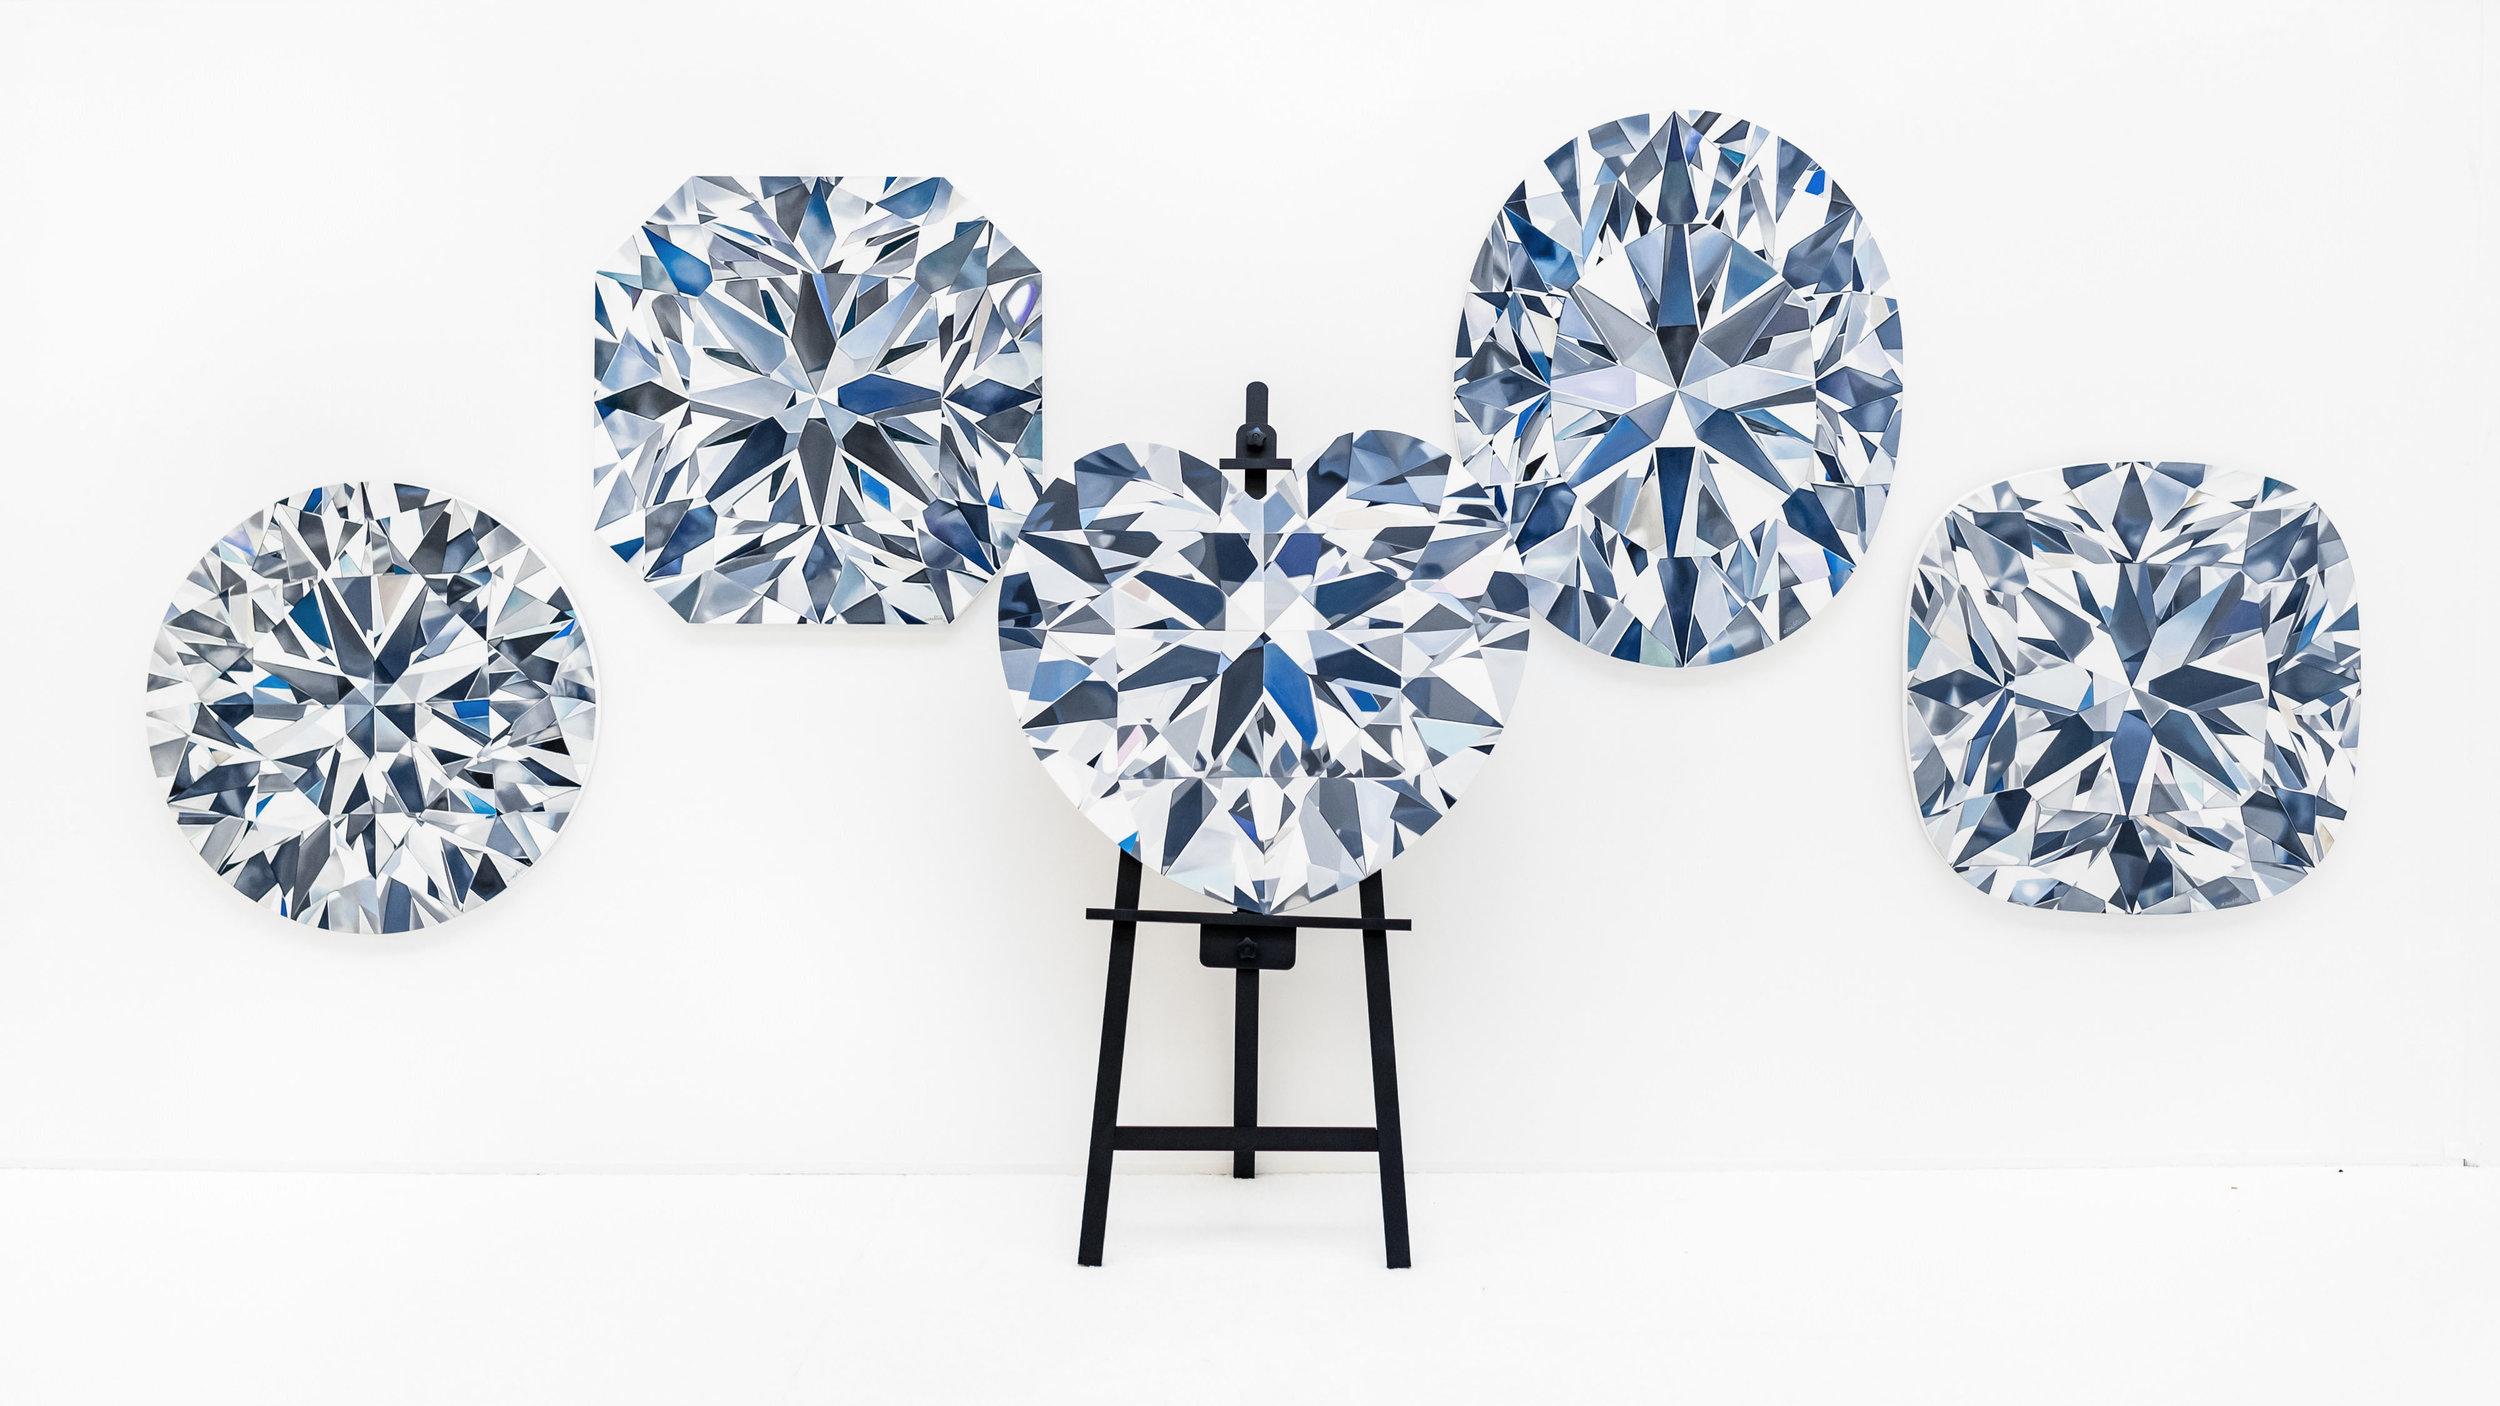 Angie-Crabtree-Forevermark-Diamond-Paintings_2 2.jpg